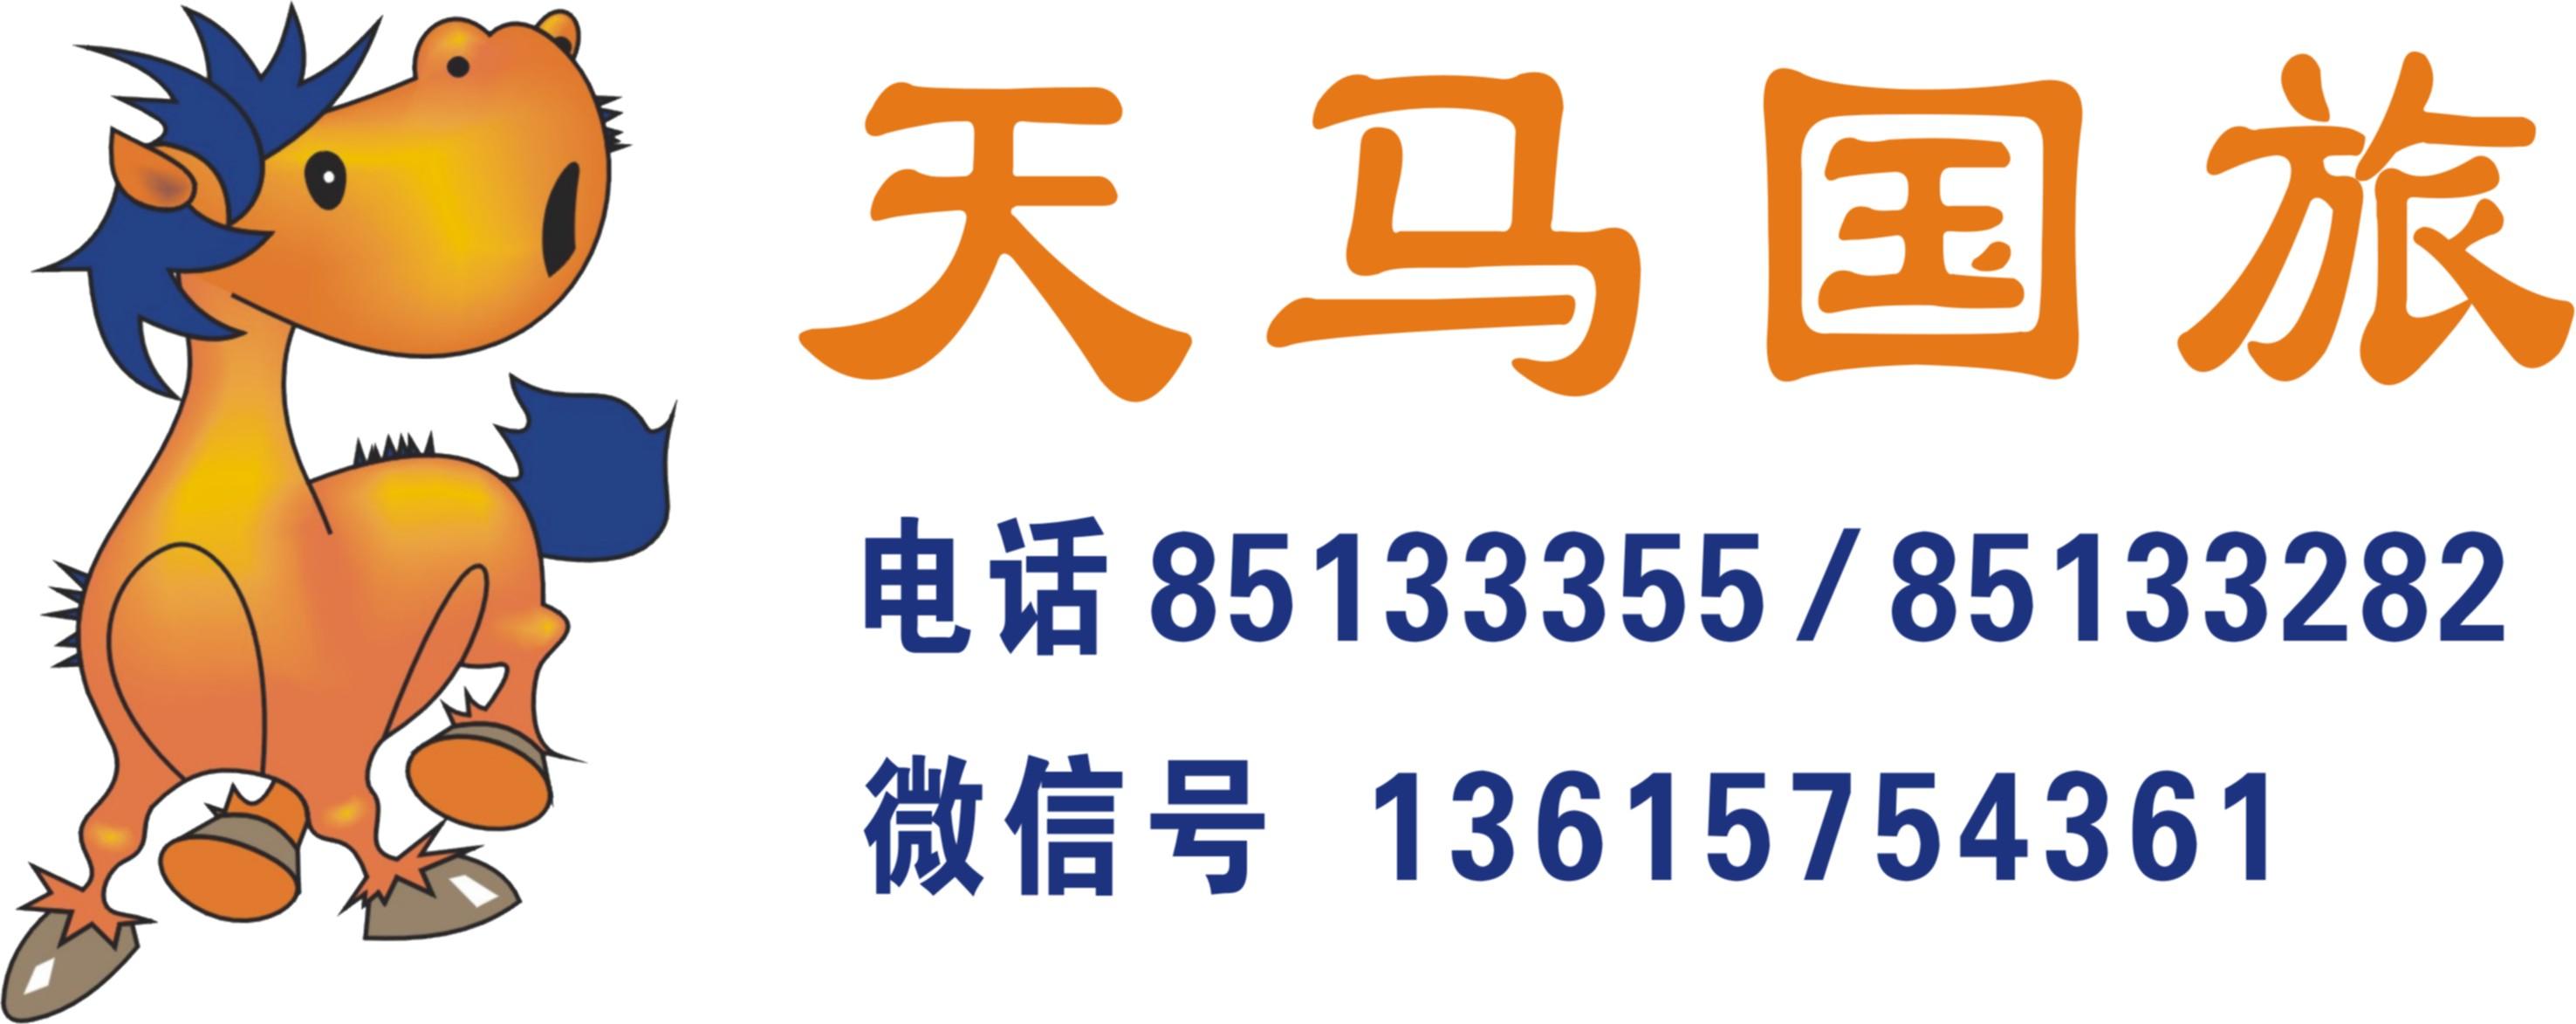 5月【五台祈福-山西五台山双飞三日游】2人起发